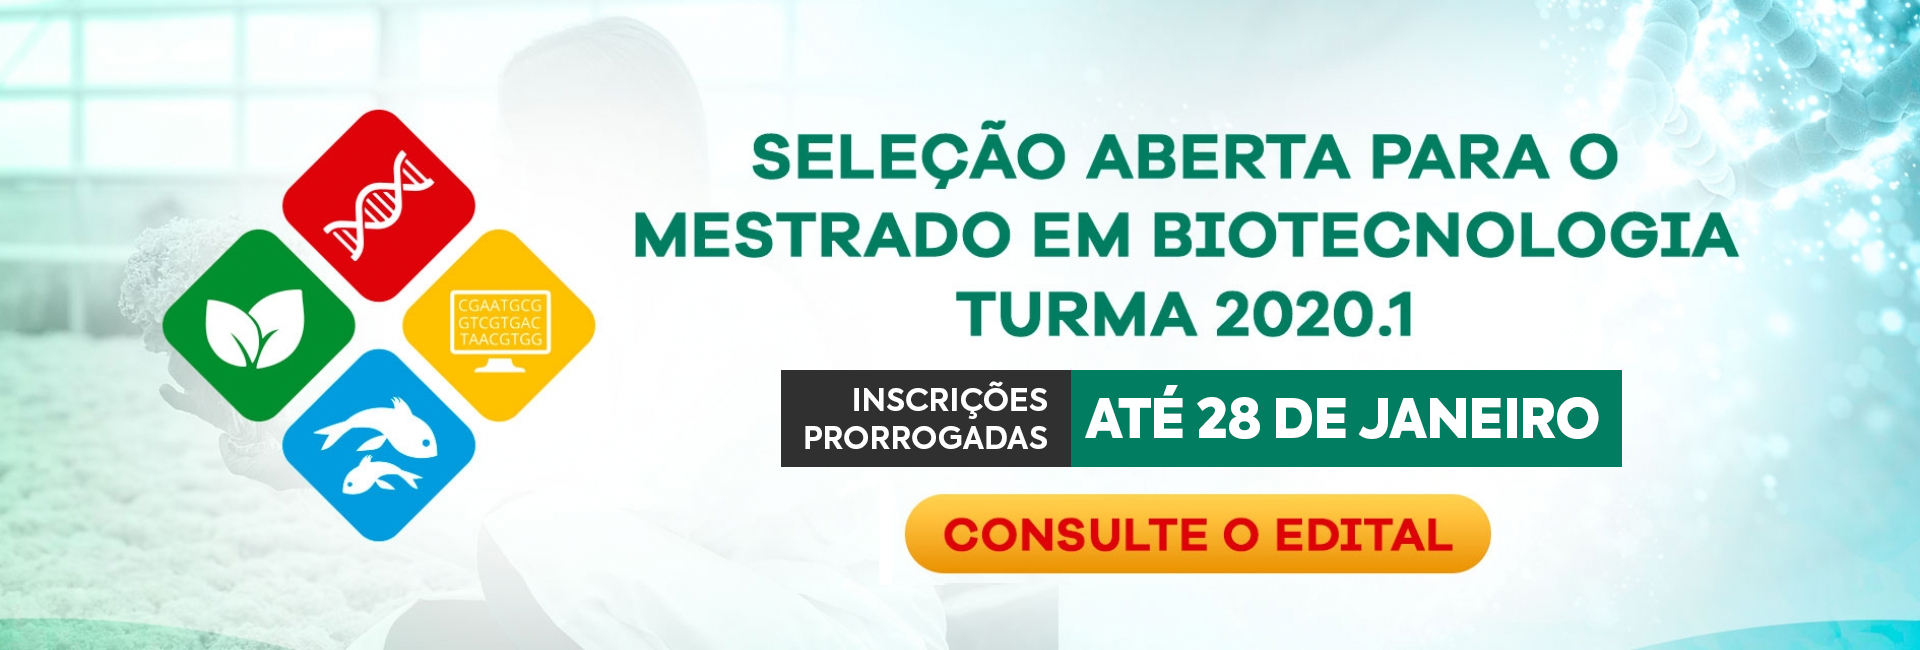 Mestrado em Biotecnologia - Seleção aberta